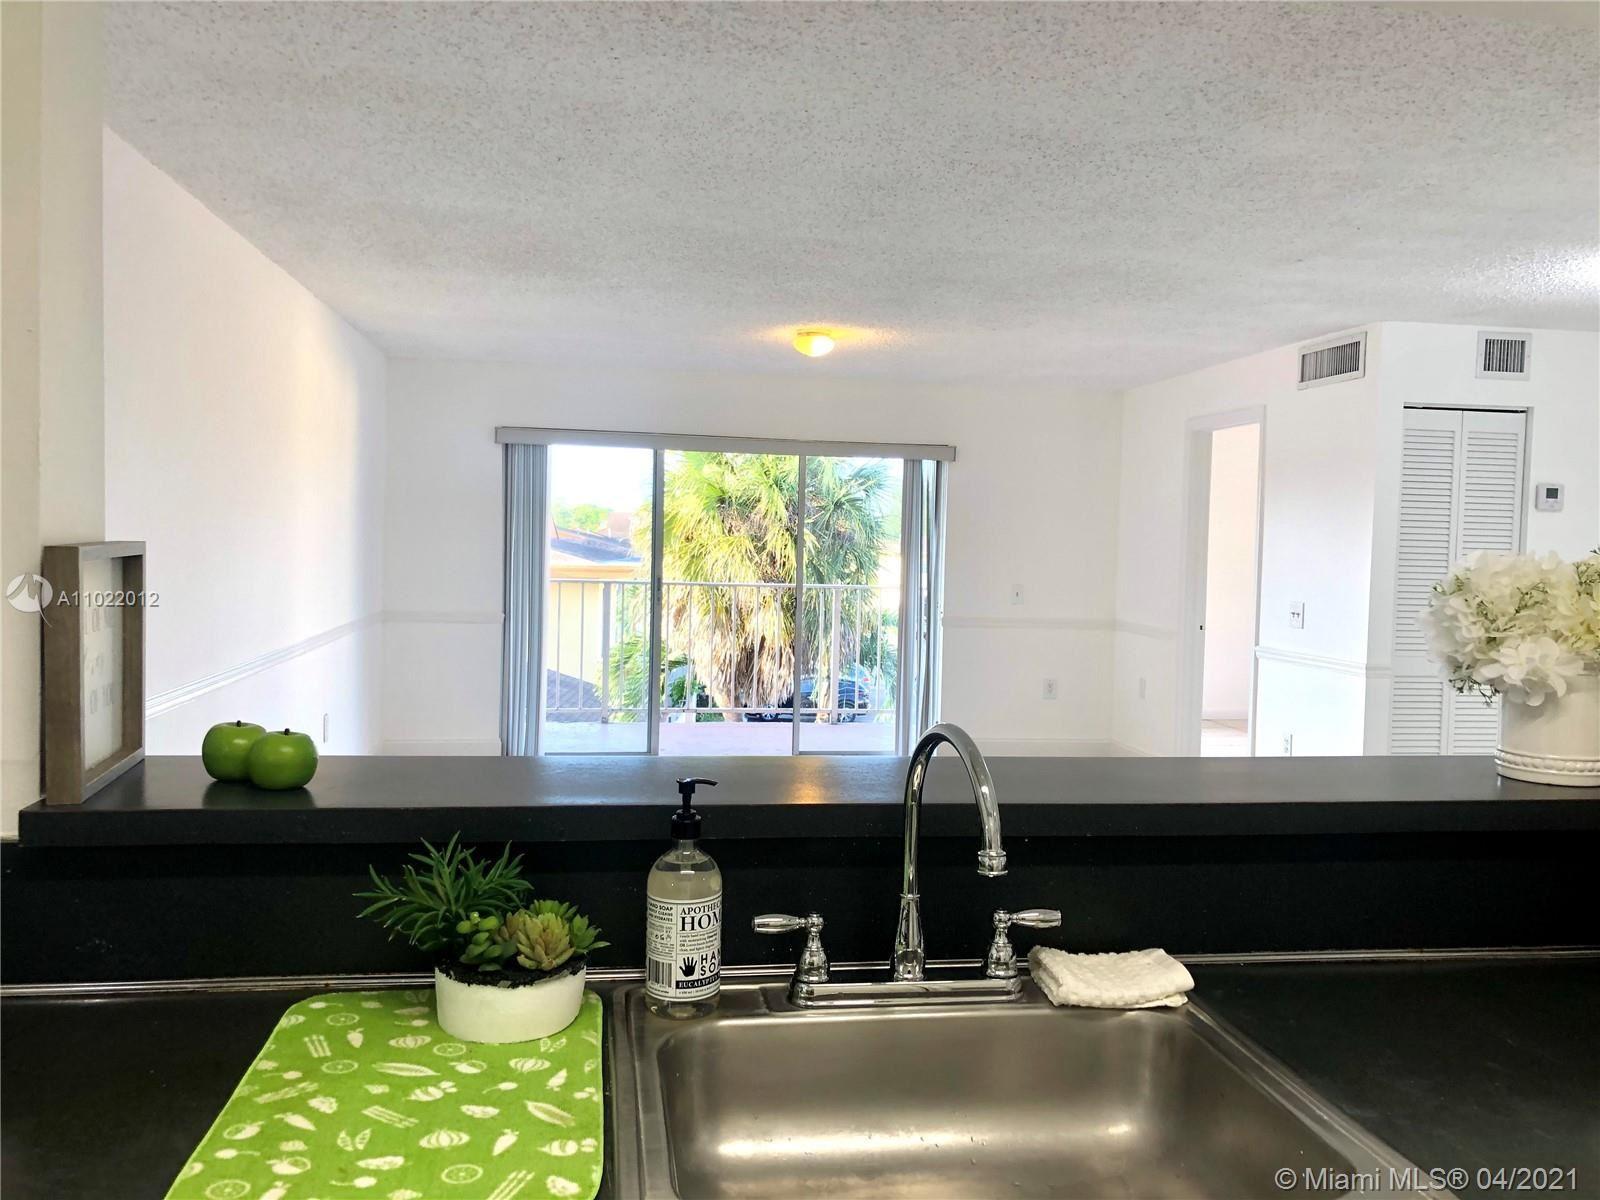 8420 SW 154th Circle Ct #536, Miami, FL 33193 - #: A11022012